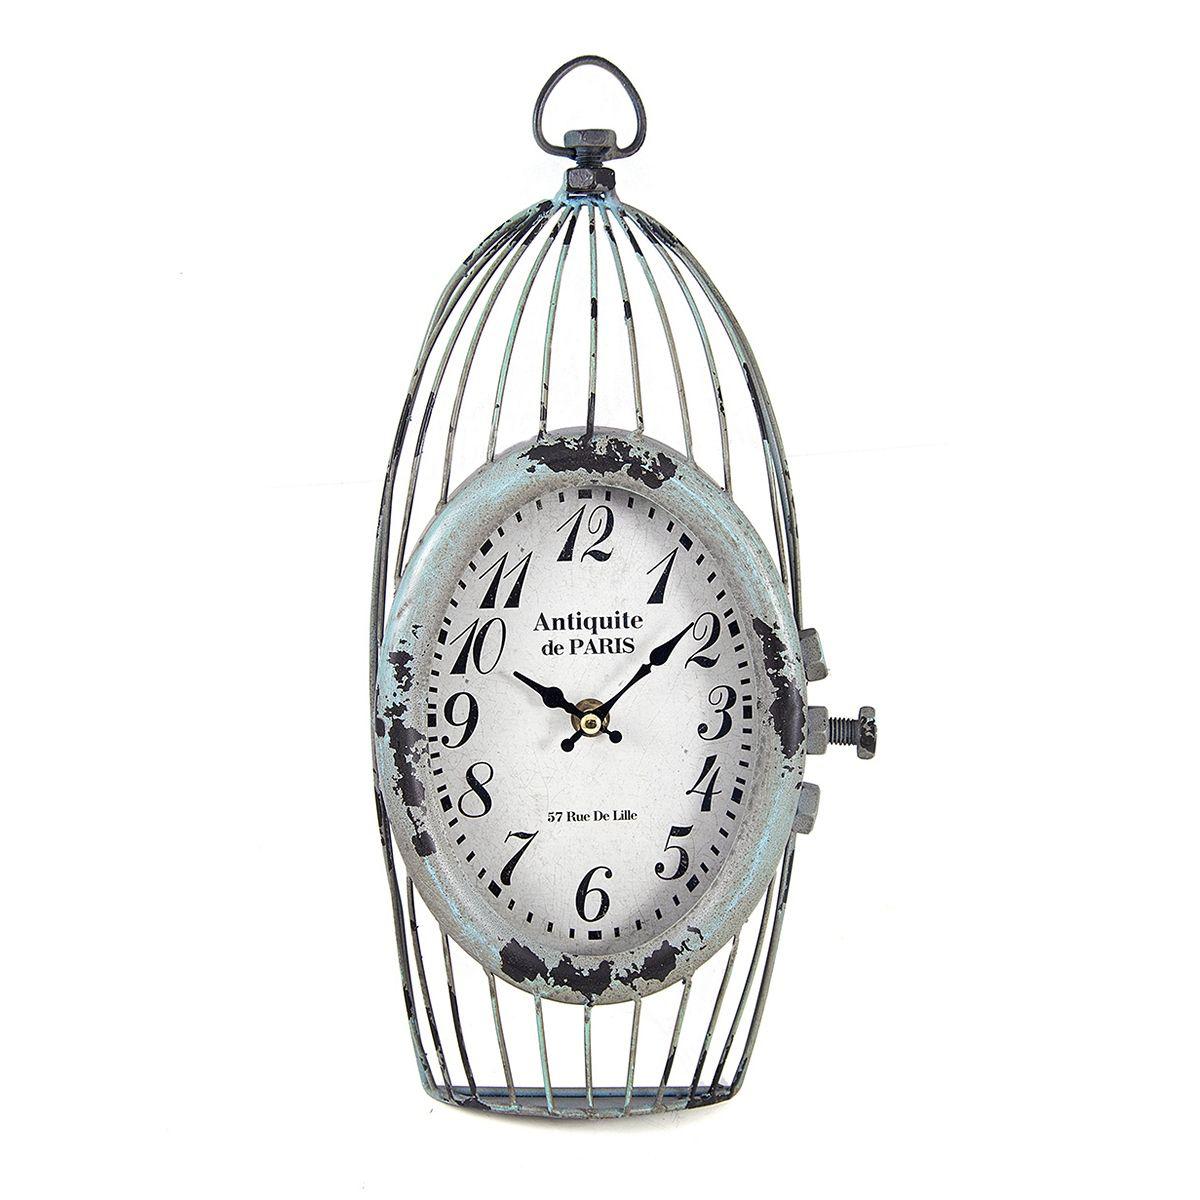 Часы настенные Русские Подарки, 18 х 6 х 37 см. 2963494672Настенные кварцевые часы Русские Подарки изготовлены из МДФ c элементами металла. Корпус выполнен в виде клетки. Часы имеют две стрелки - часовую и минутную. Циферблат защищен стеклом. Сверху имеется петелька для подвешивания на стену.Изящные часы красиво и оригинально оформят интерьер дома или офиса.Часы работают от батареек типа АА (в комплект не входят).